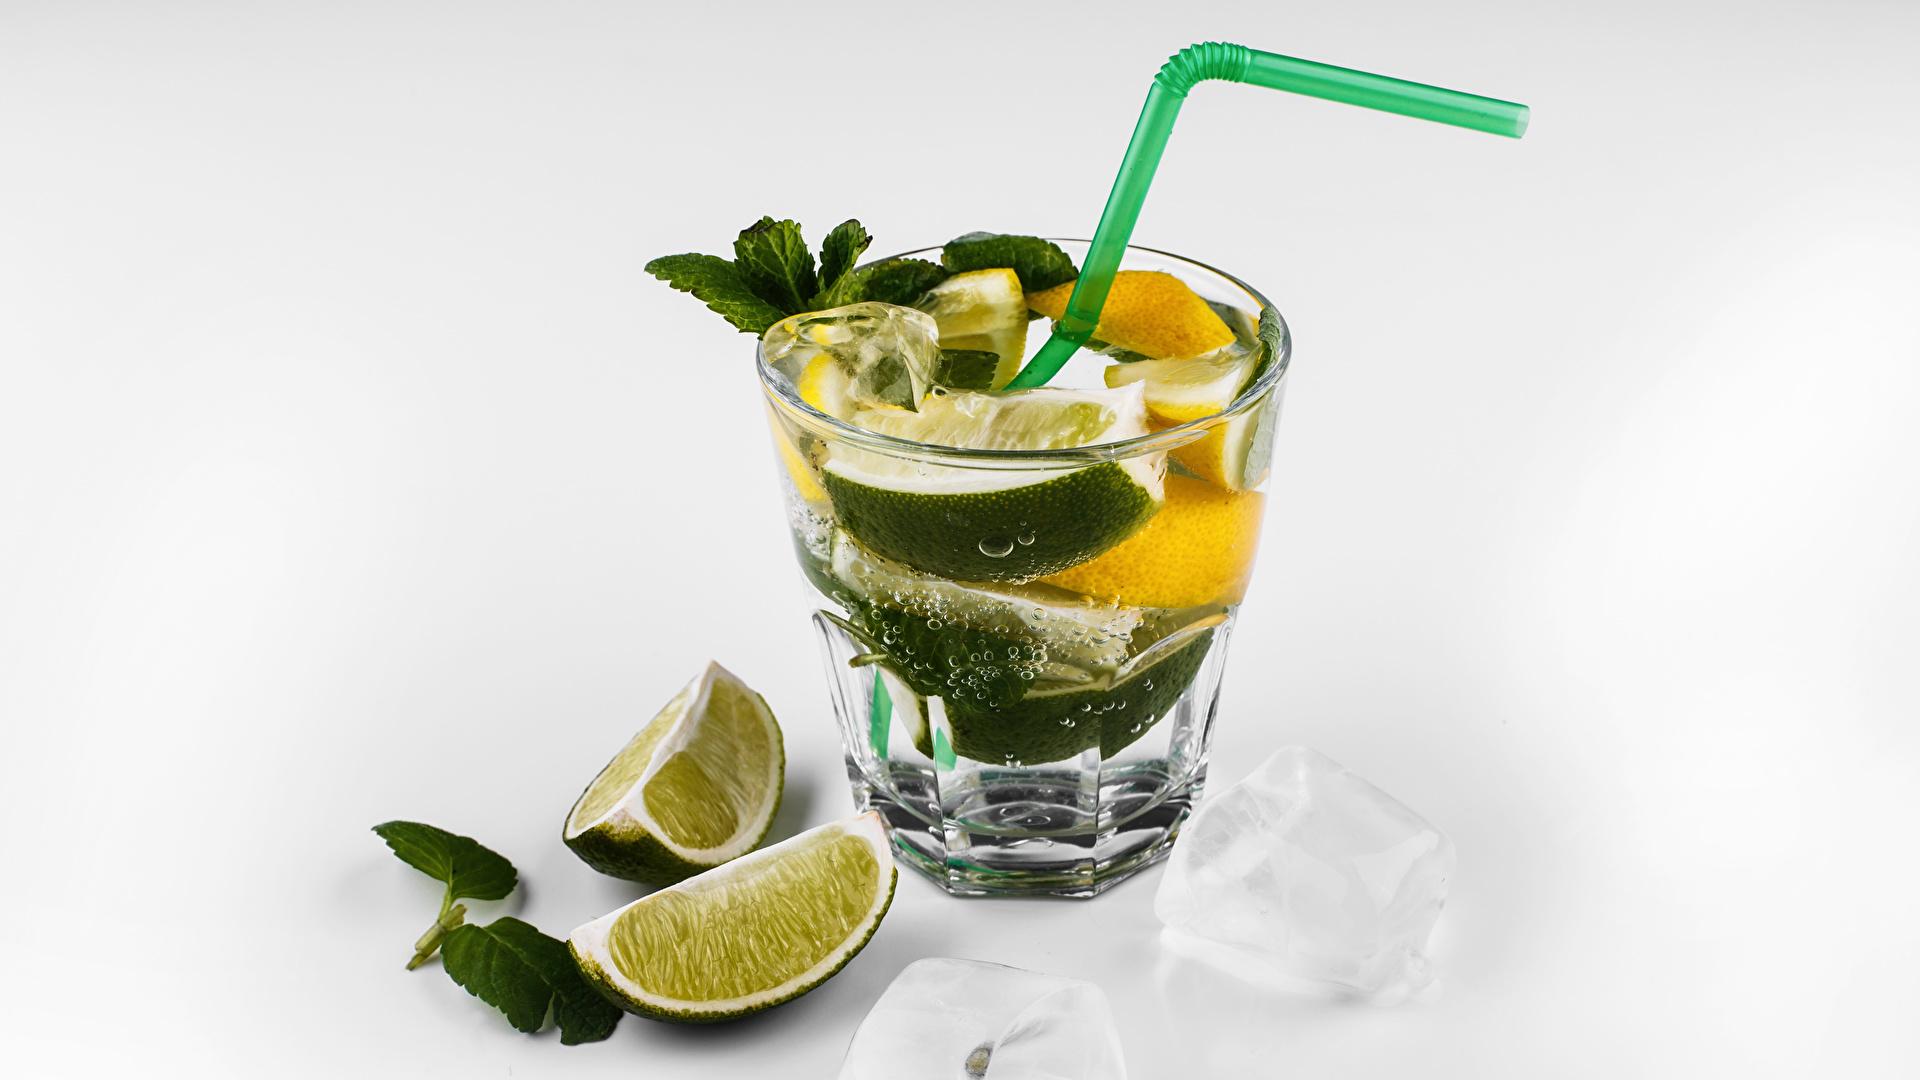 Foto Alkoholische Getränke Mojito Limette Cocktail Dubbeglas Lebensmittel Weißer hintergrund 1920x1080